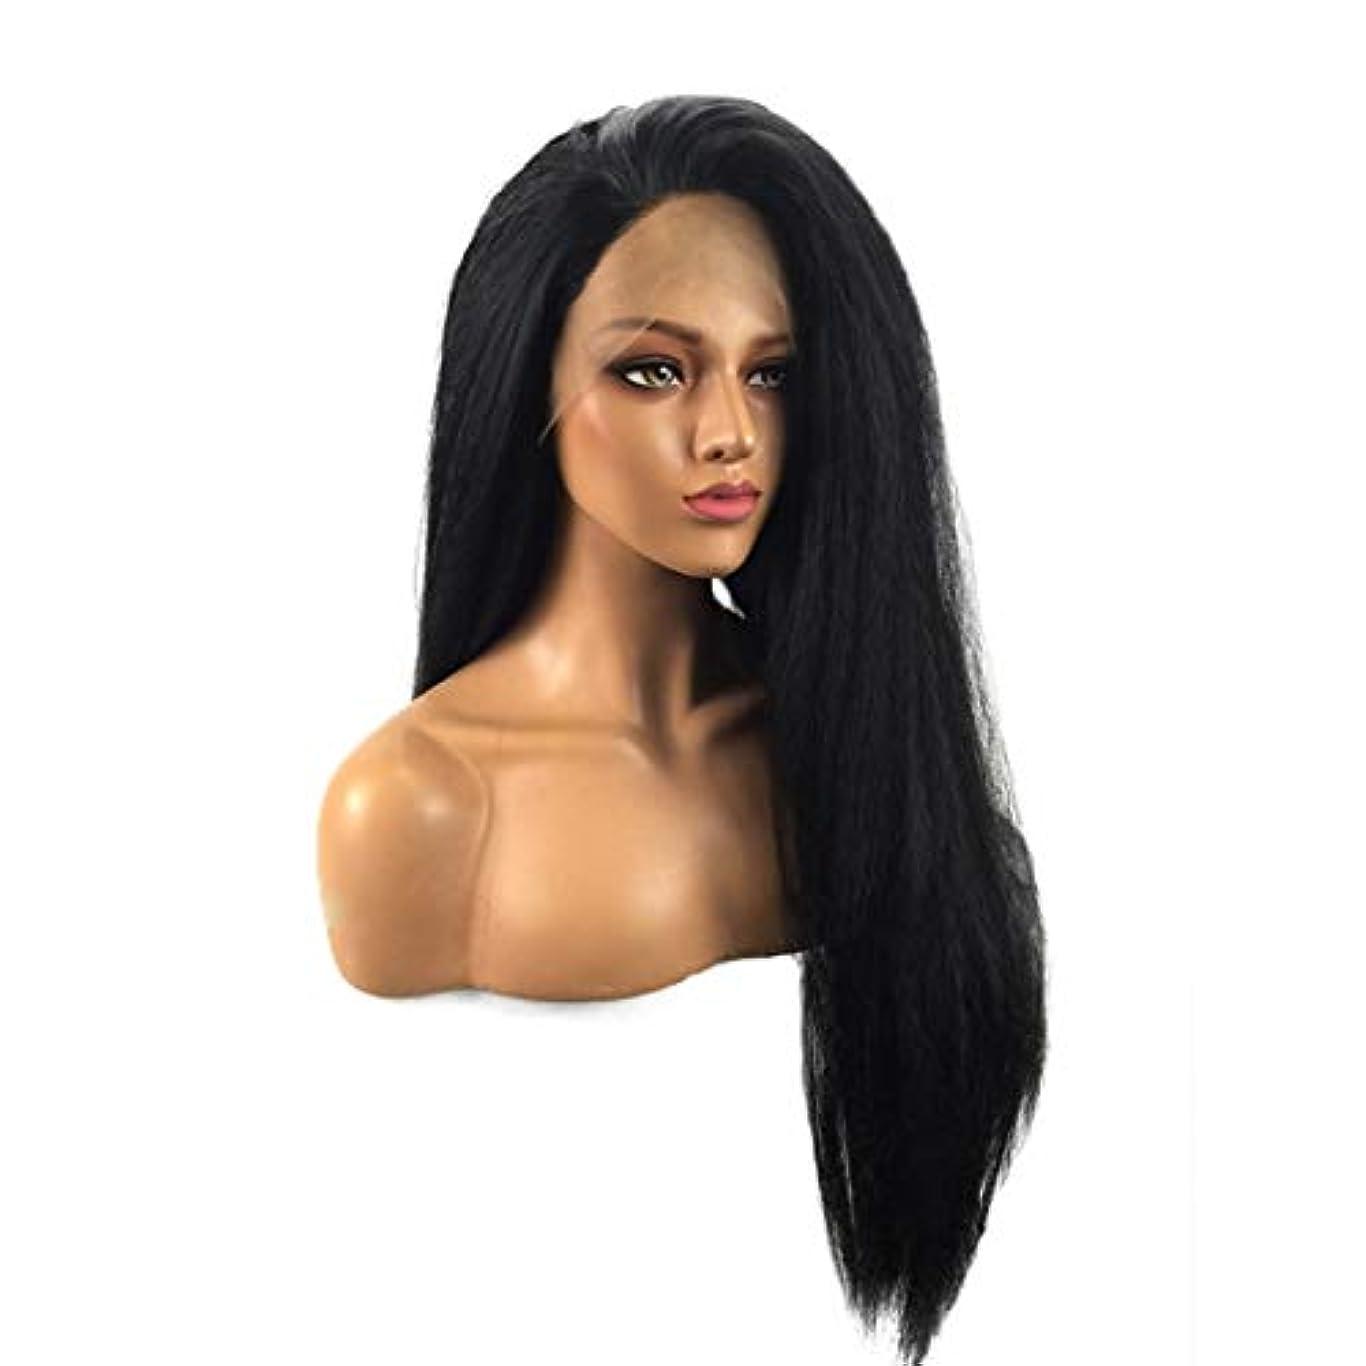 ケーブルカー勃起解放するKoloeplf レースフロントウィッグロングナチュラルストレート耐熱人工毛かつら女性用26インチ (Size : 26inch)